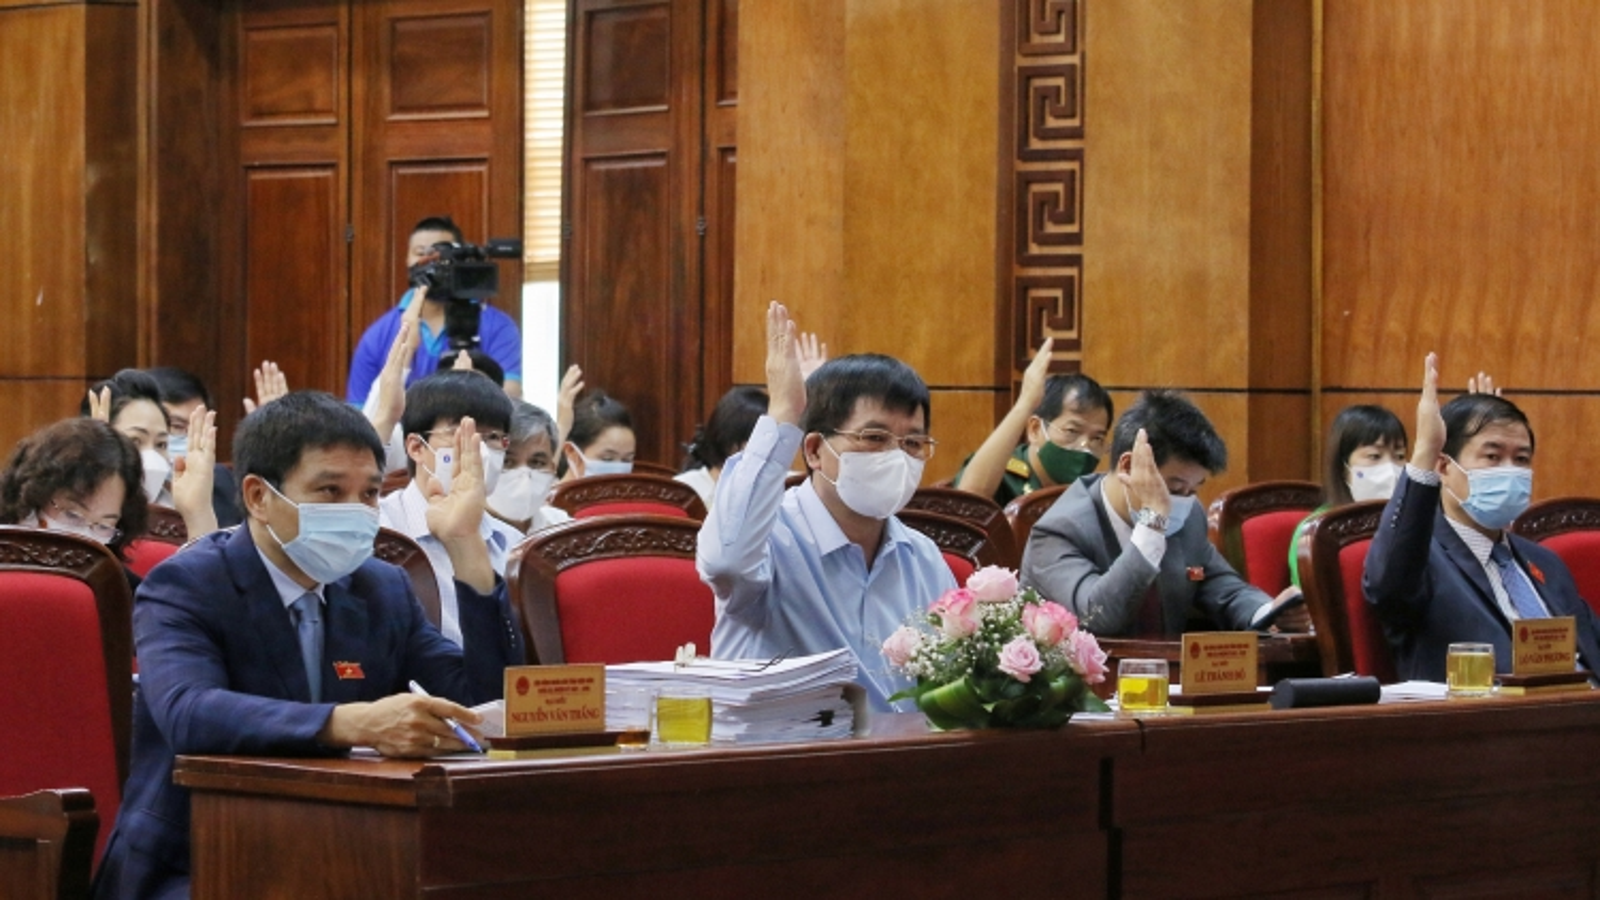 HĐND tỉnh Điện Biên thông qua mức giá dịch vụ xét nghiệm sàng lọc SARS-CoV-2